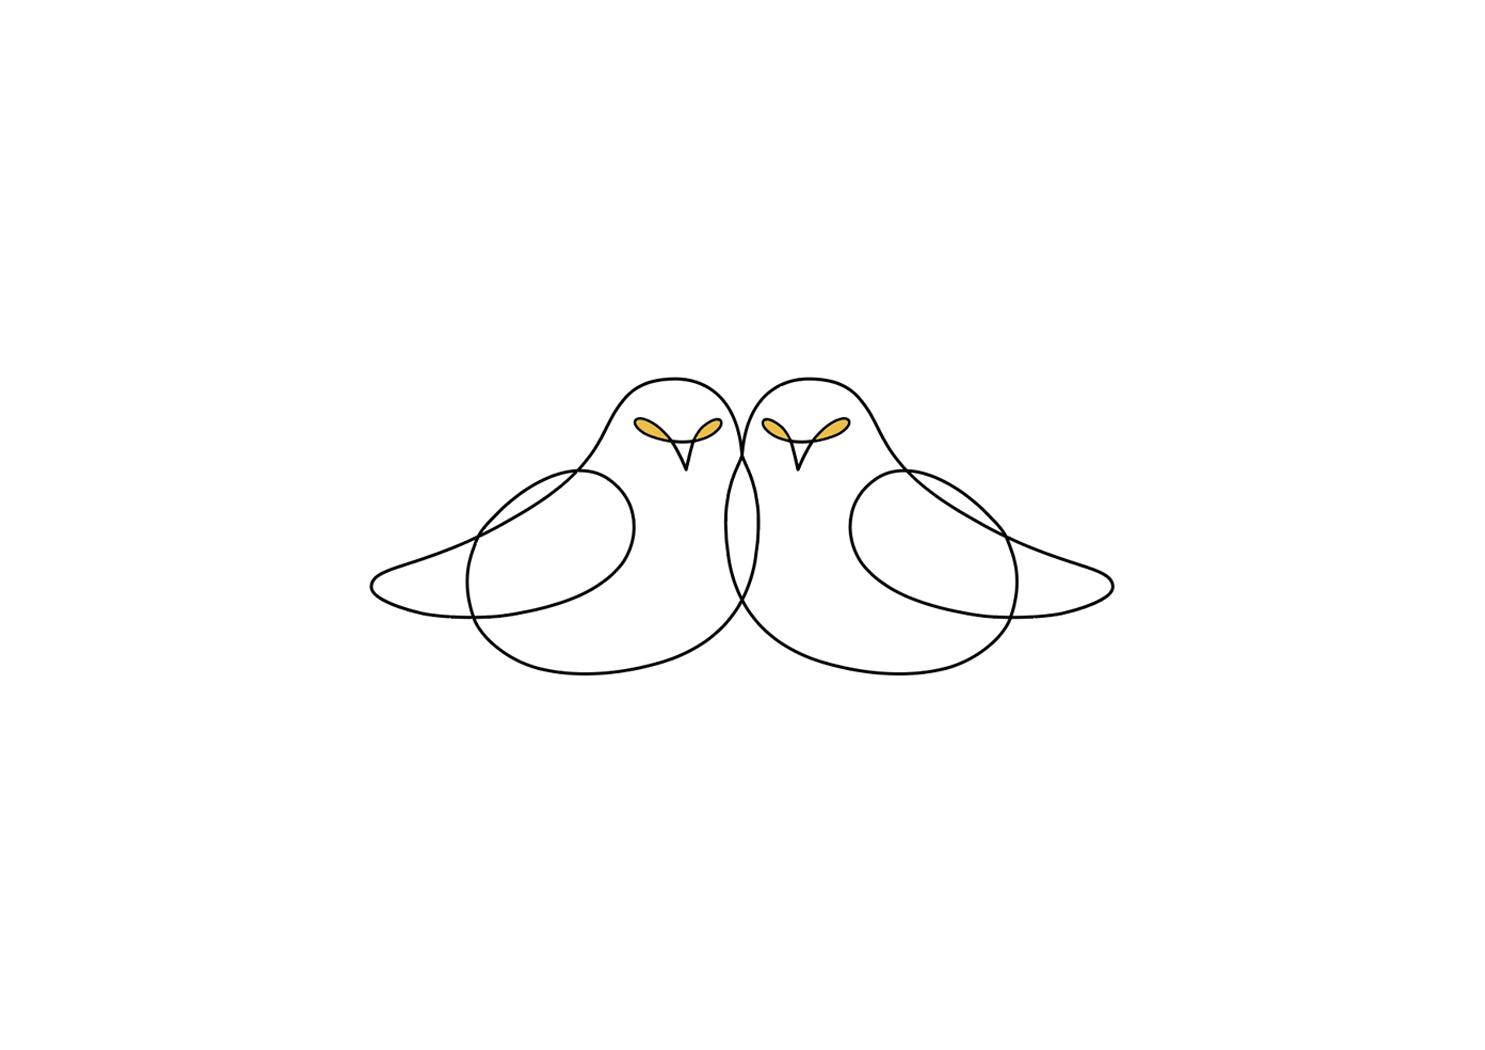 コンケラー・デザインコンテスト2017-18 優秀賞